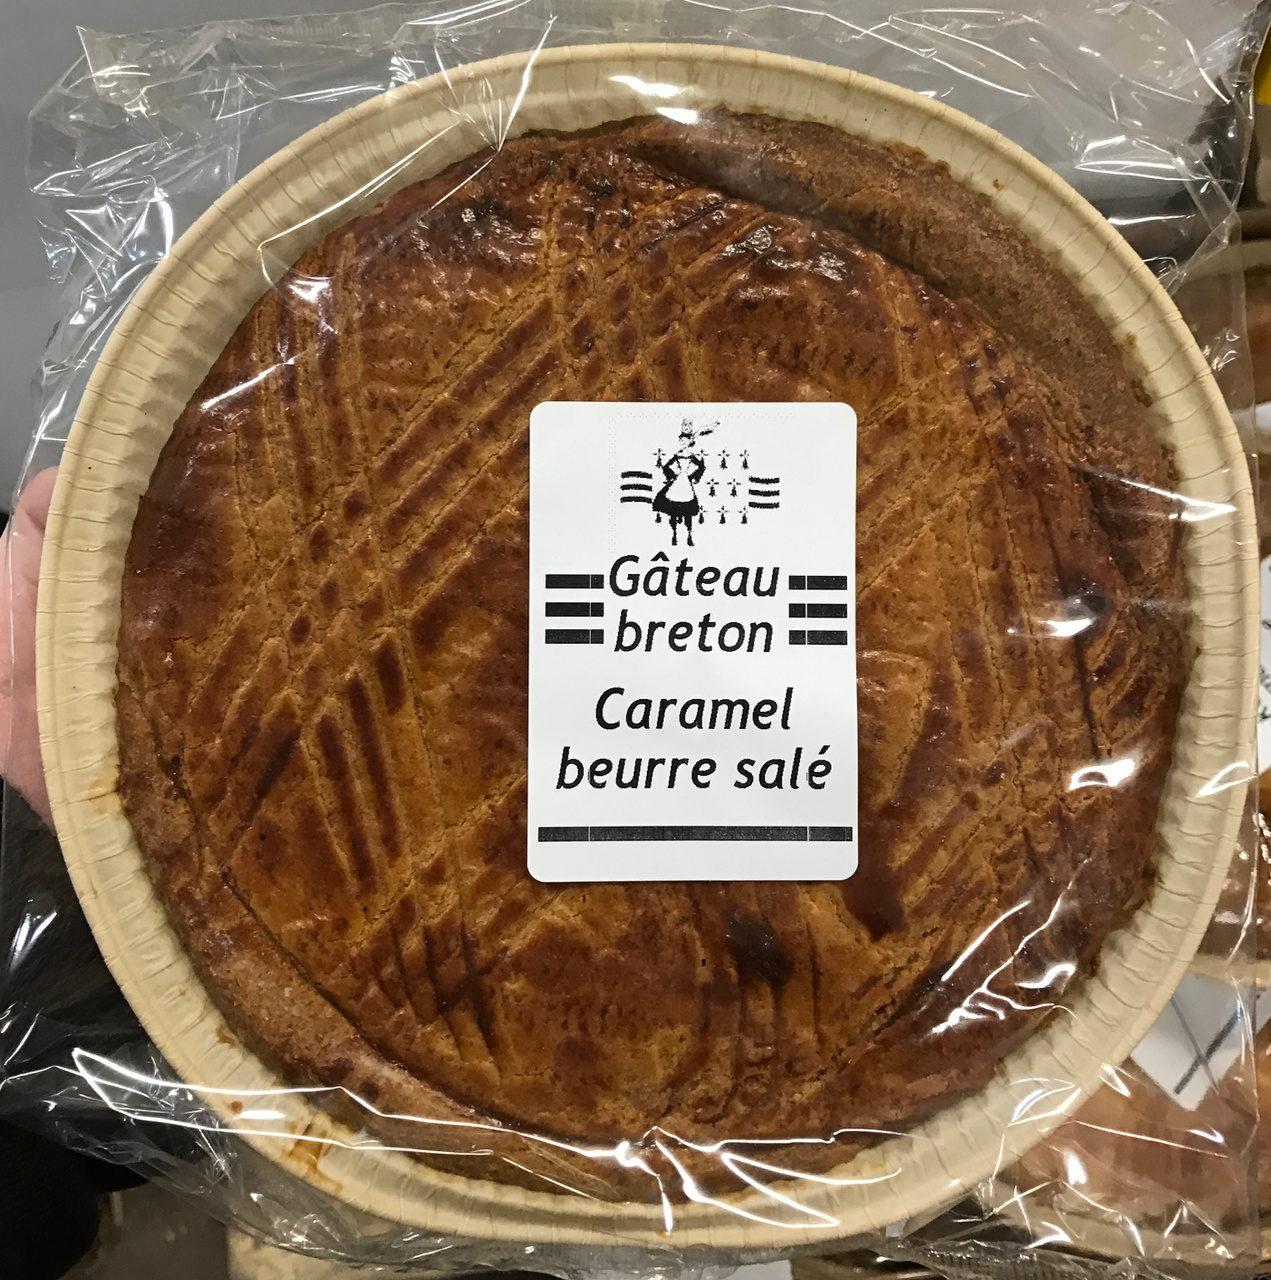 Marque de gateau breton